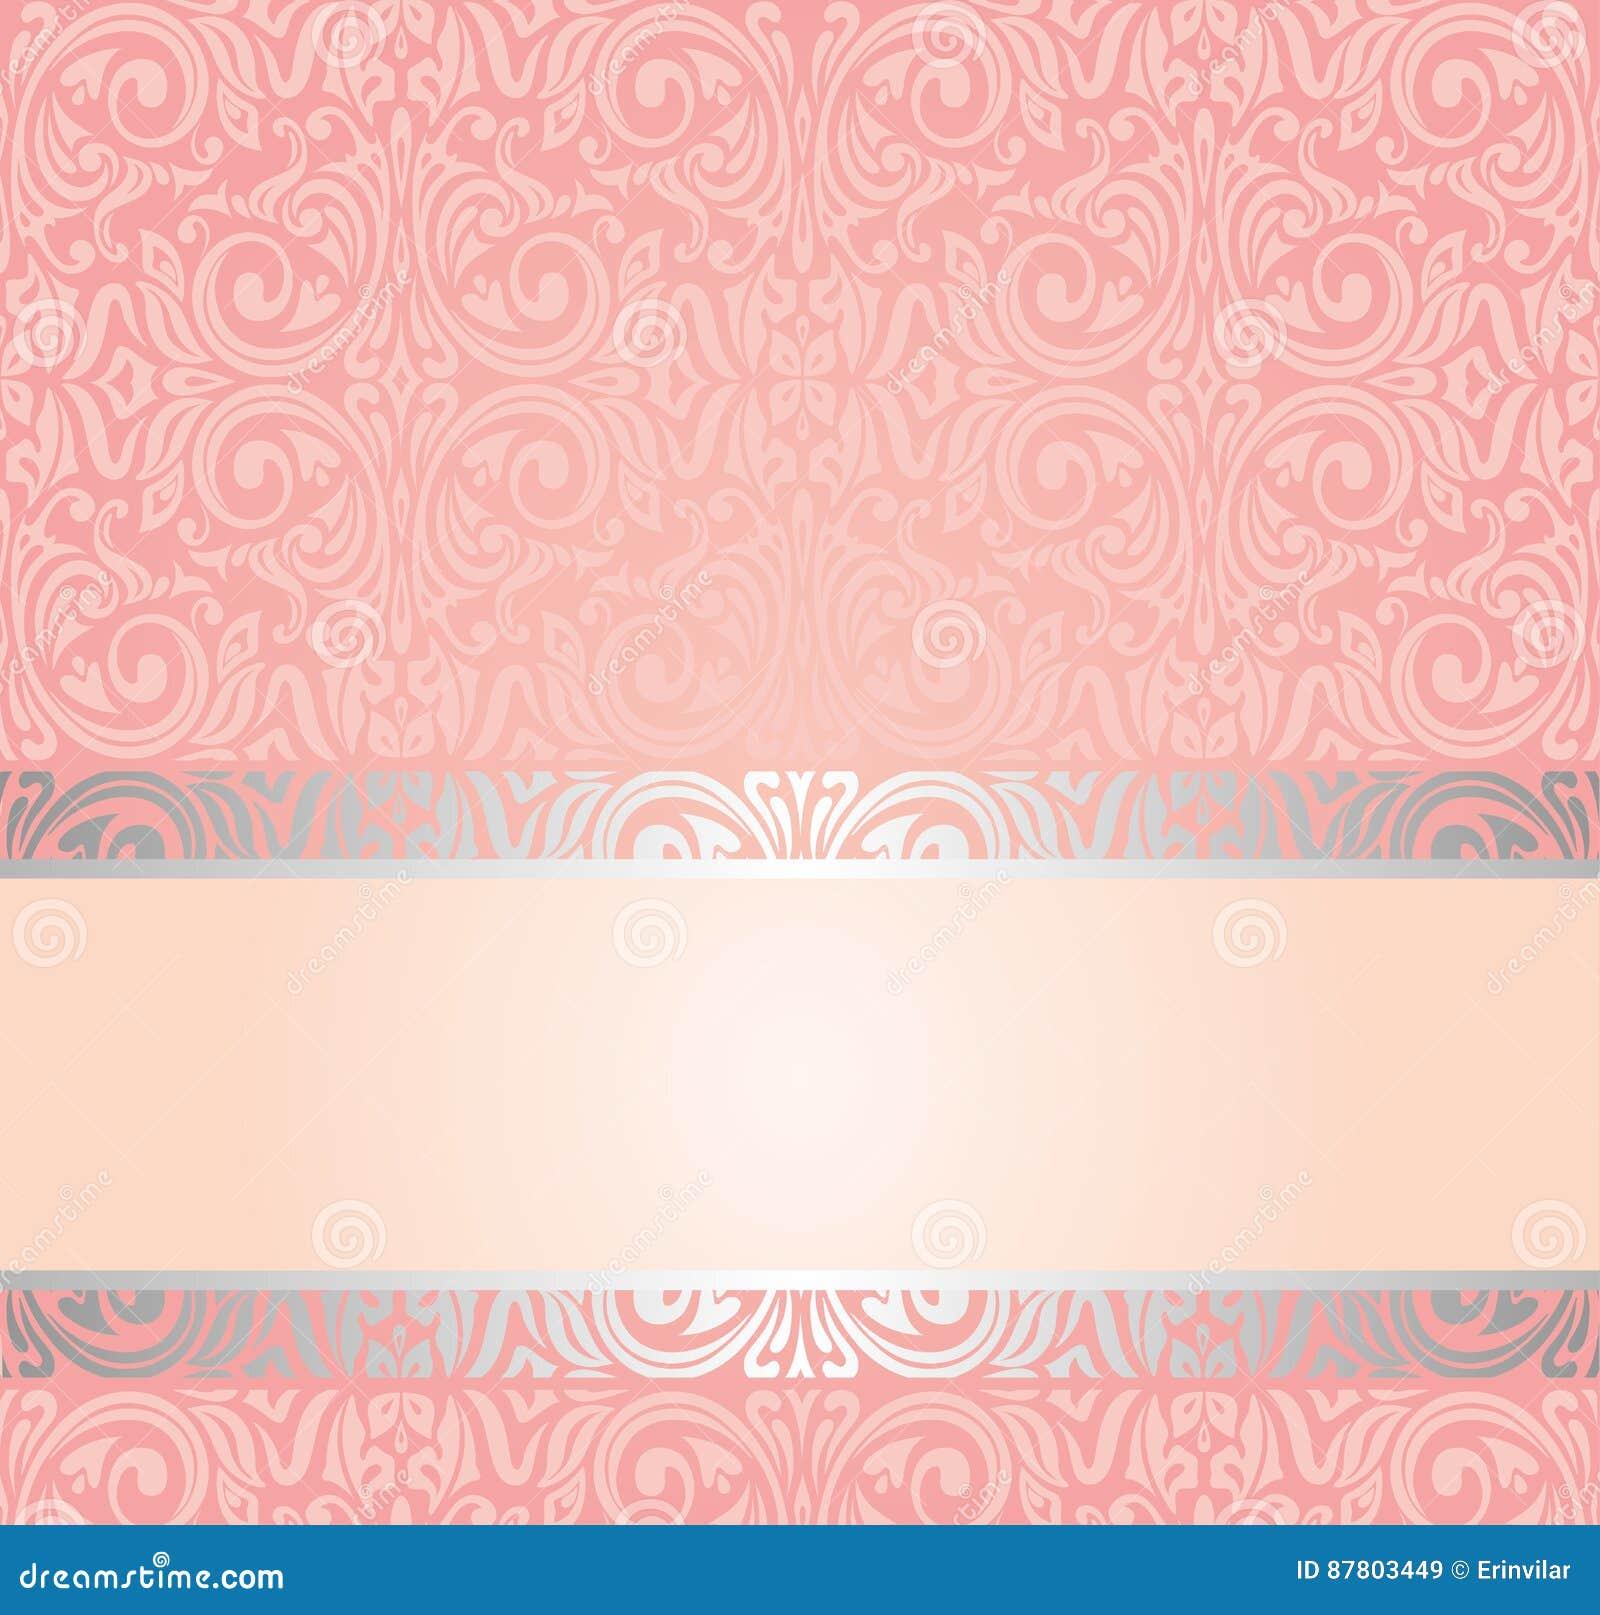 Pink silver gentle invitation vintage wallpaper design - Papel pared vintage ...